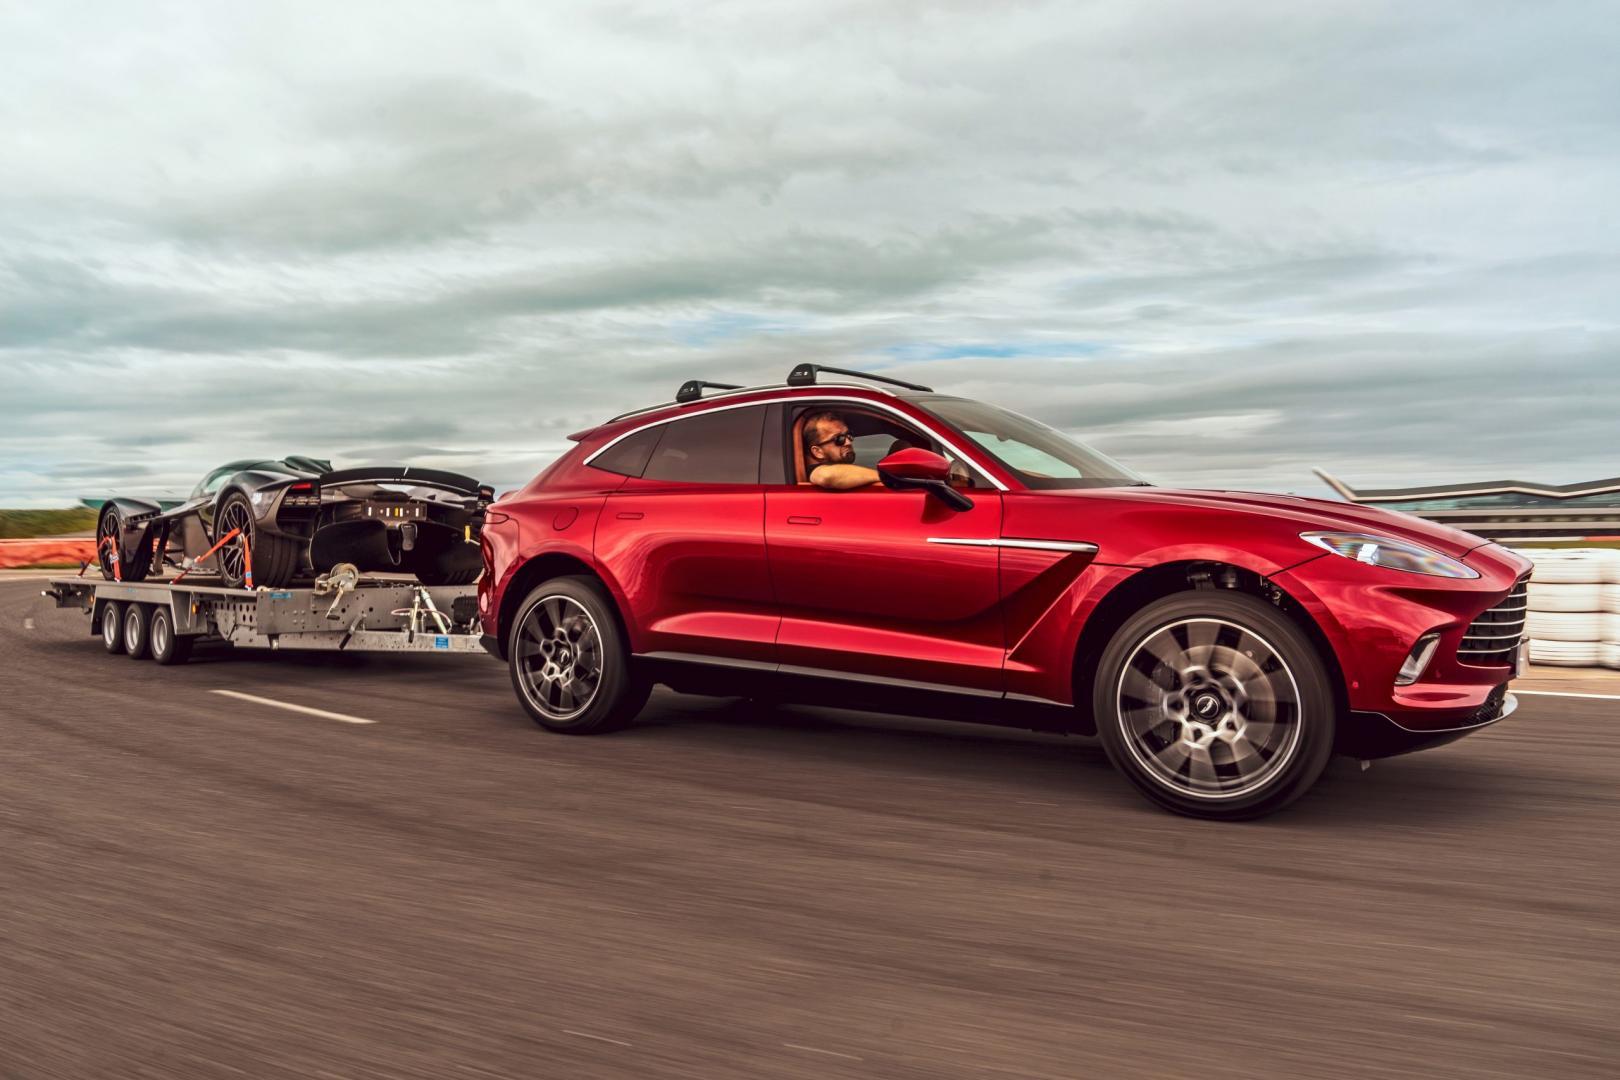 Aston Martin DBX 2020 met Valkyrie op aanhanger